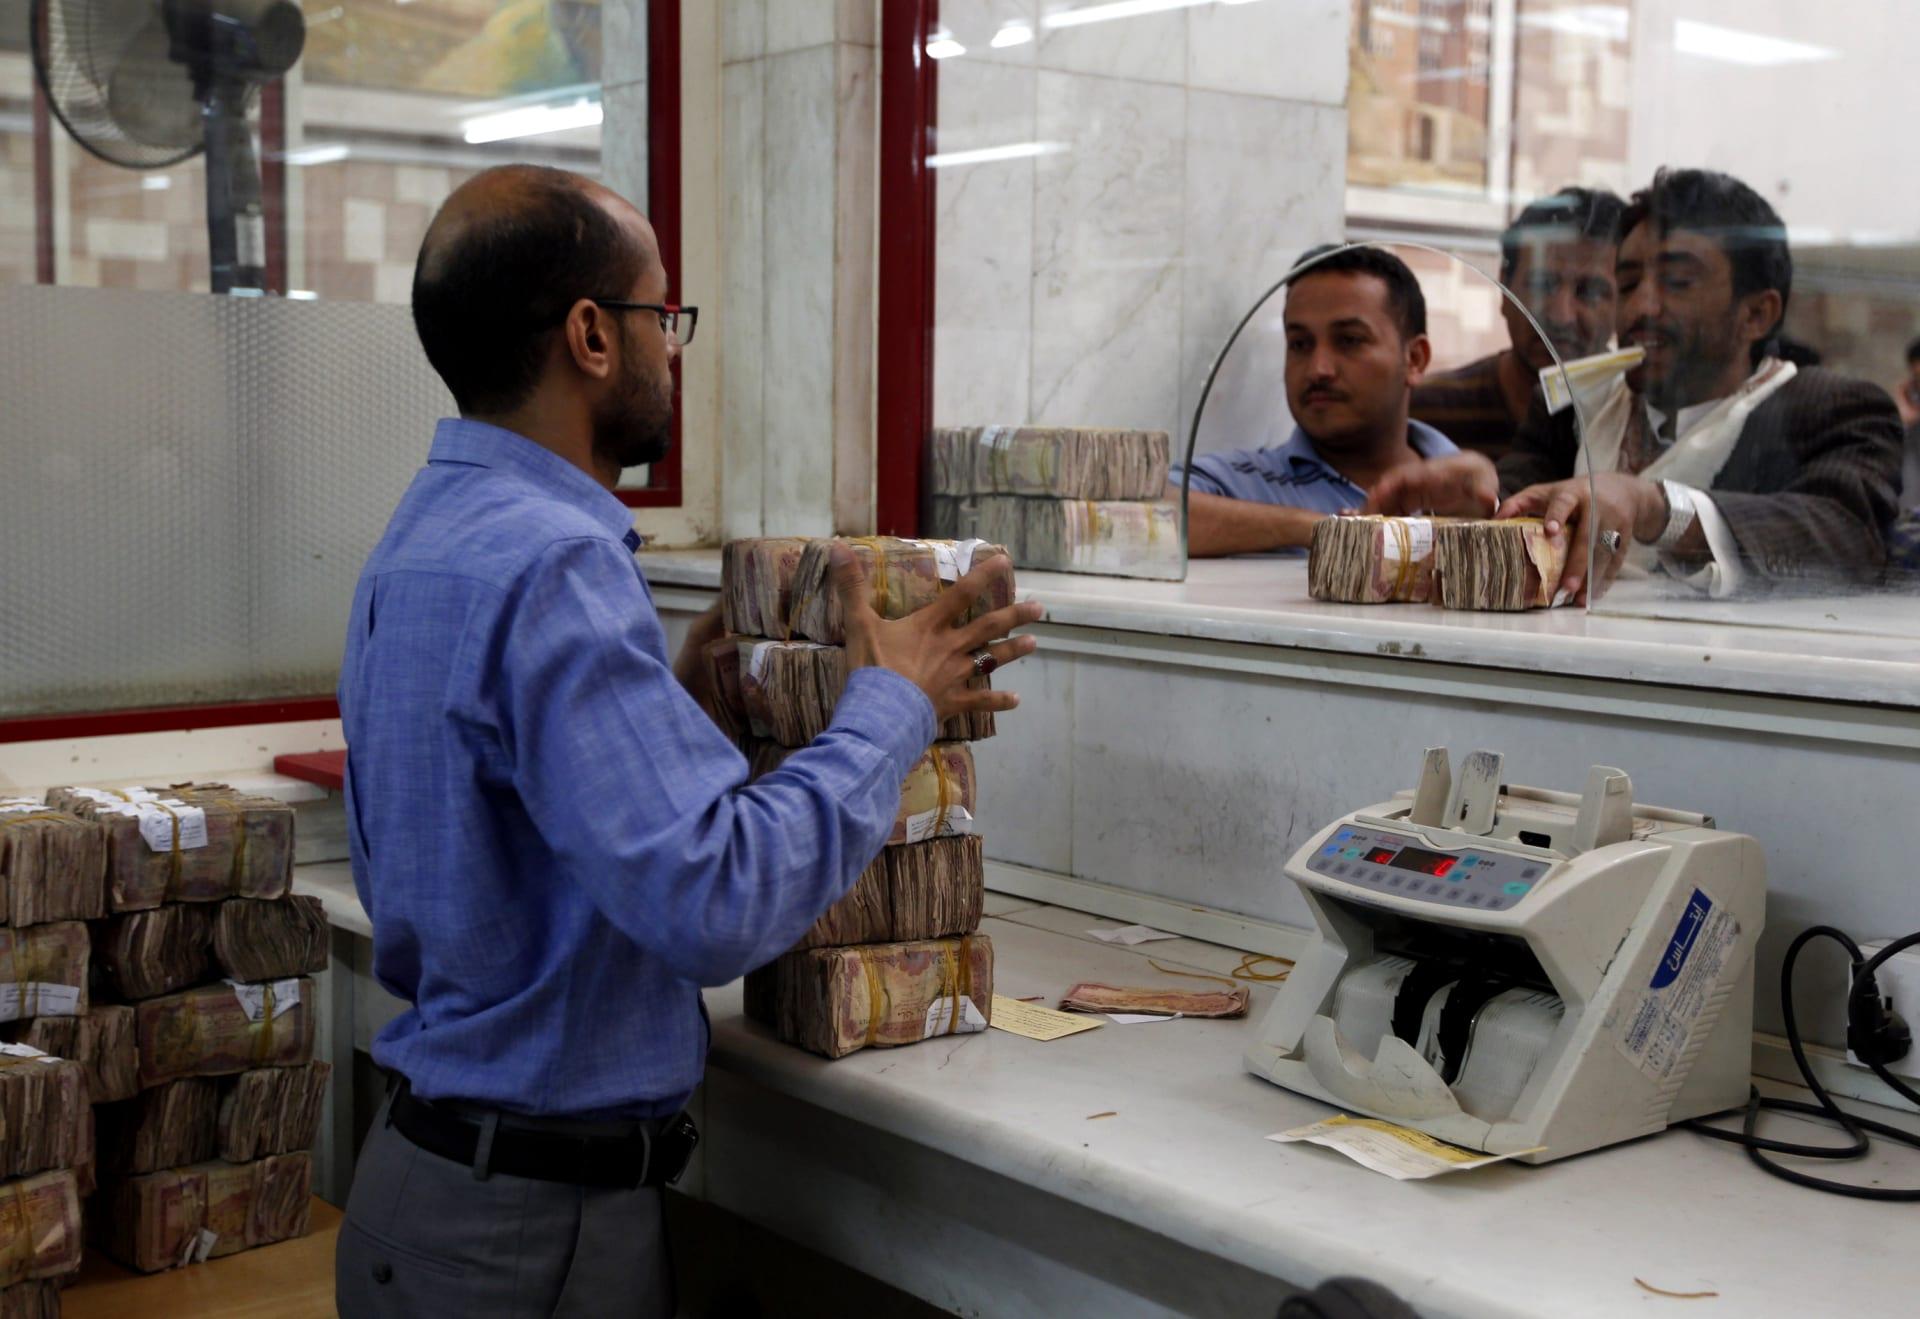 محافظ المركزي اليمني: ننتظر ودائع بقيمة 3 مليارات دولار